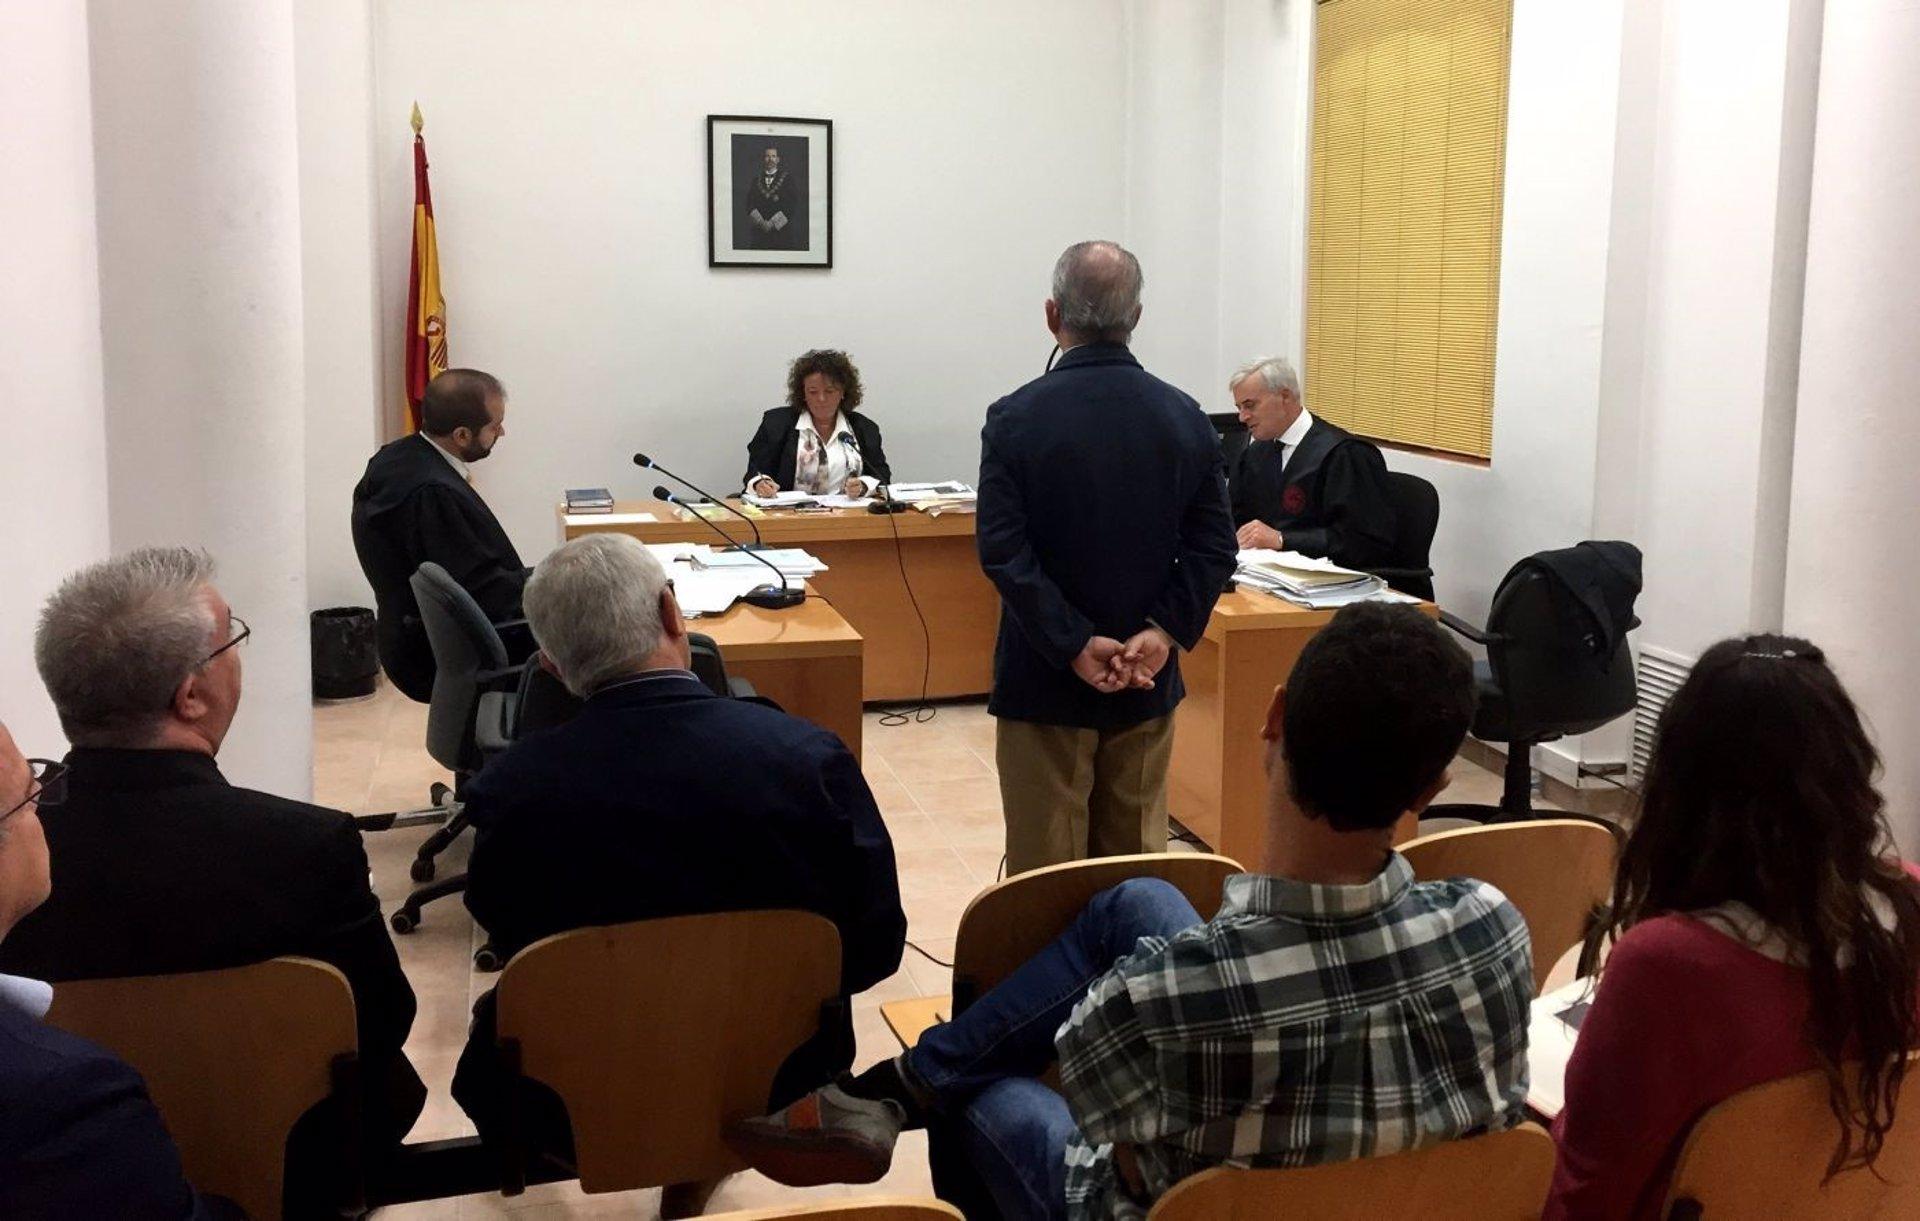 La Audiencia declara que las murallas y patios de Sant Salvador pertenecen al Ayuntamiento de Artà